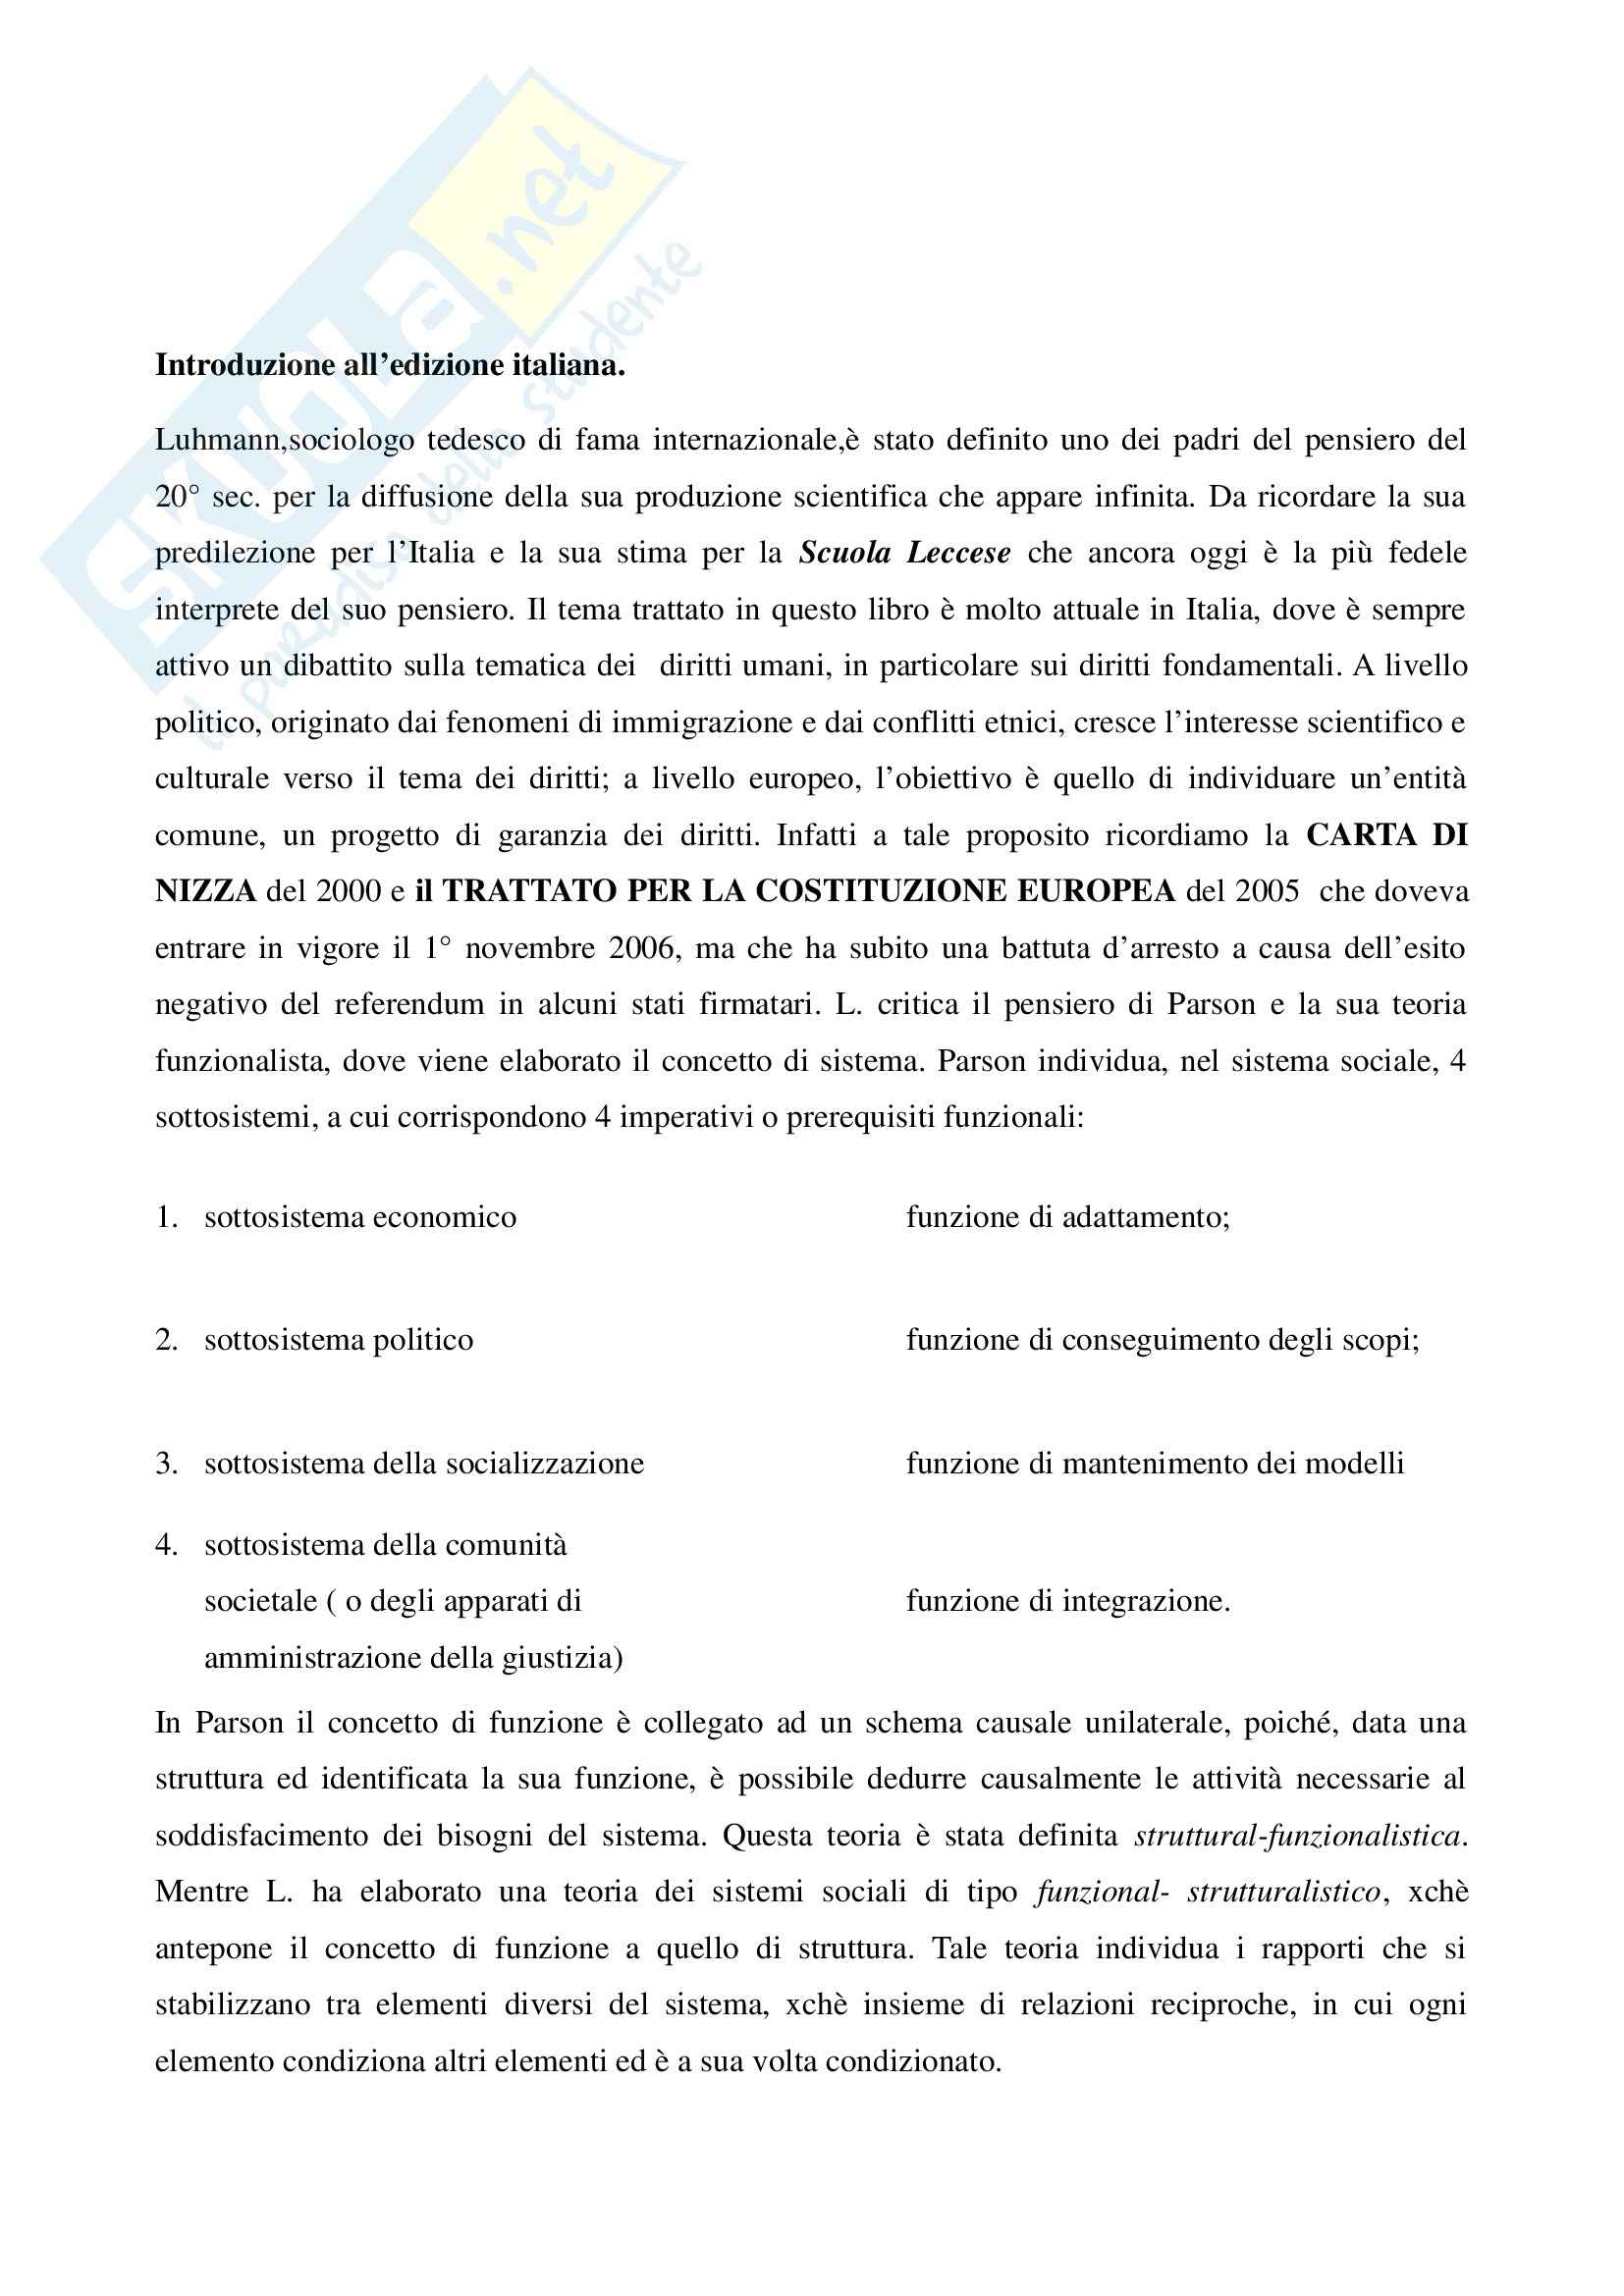 Riassunto esame Sociologia del Diritto, prof. Pannarale, libro consigliato I Diritti Fondamentali Come Istituzione, Luhmann